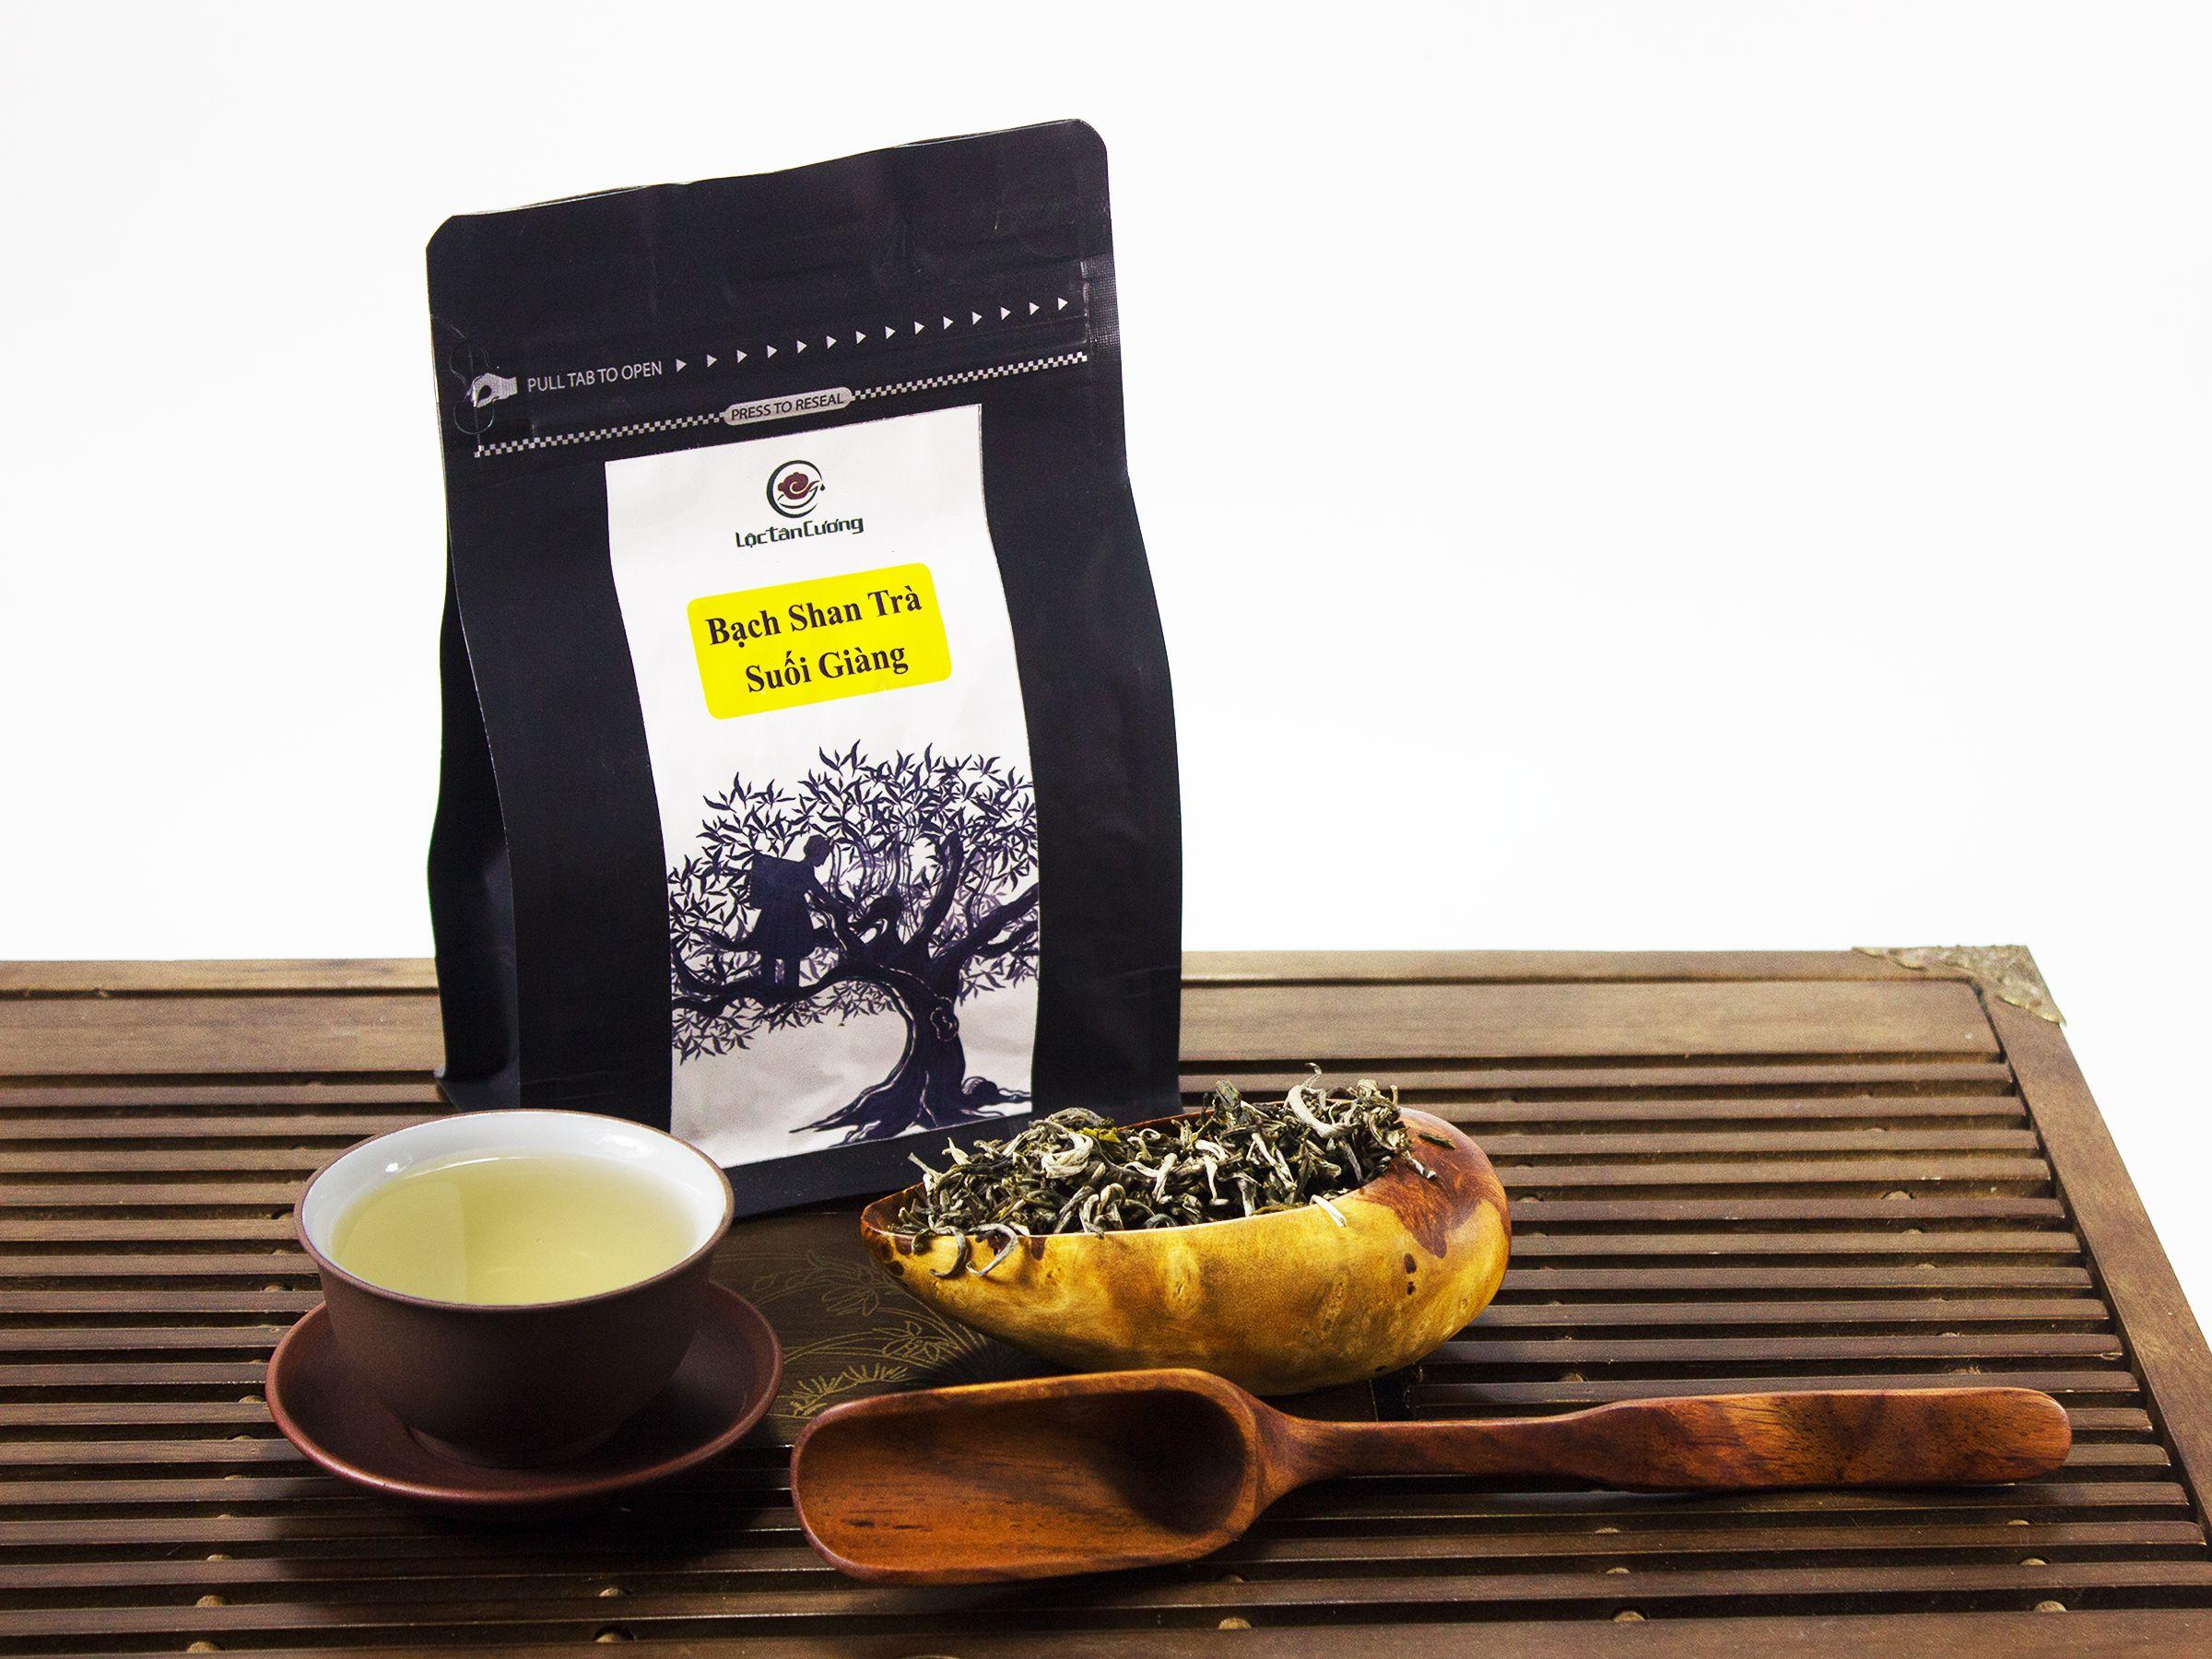 Khi pha, nước trà có màu trắng trong chứ không vàng hay xanh như các loại trà khác kể cả được pha đậm hay pha nhạt, nhìn màu nước trắng trong nhưng hương vị rất đặc biệt. Trà có hương thơm ngọt đặc trưng của Suối Giàng, vị trà chát dịu, rất dịu và hậu ngọt sâu và béo rất đặc biệt, nếu có thời gian, bạn hãy thử thưởng thức một lần, bạn sẽ có cảm nhận rõ ràng nhất.